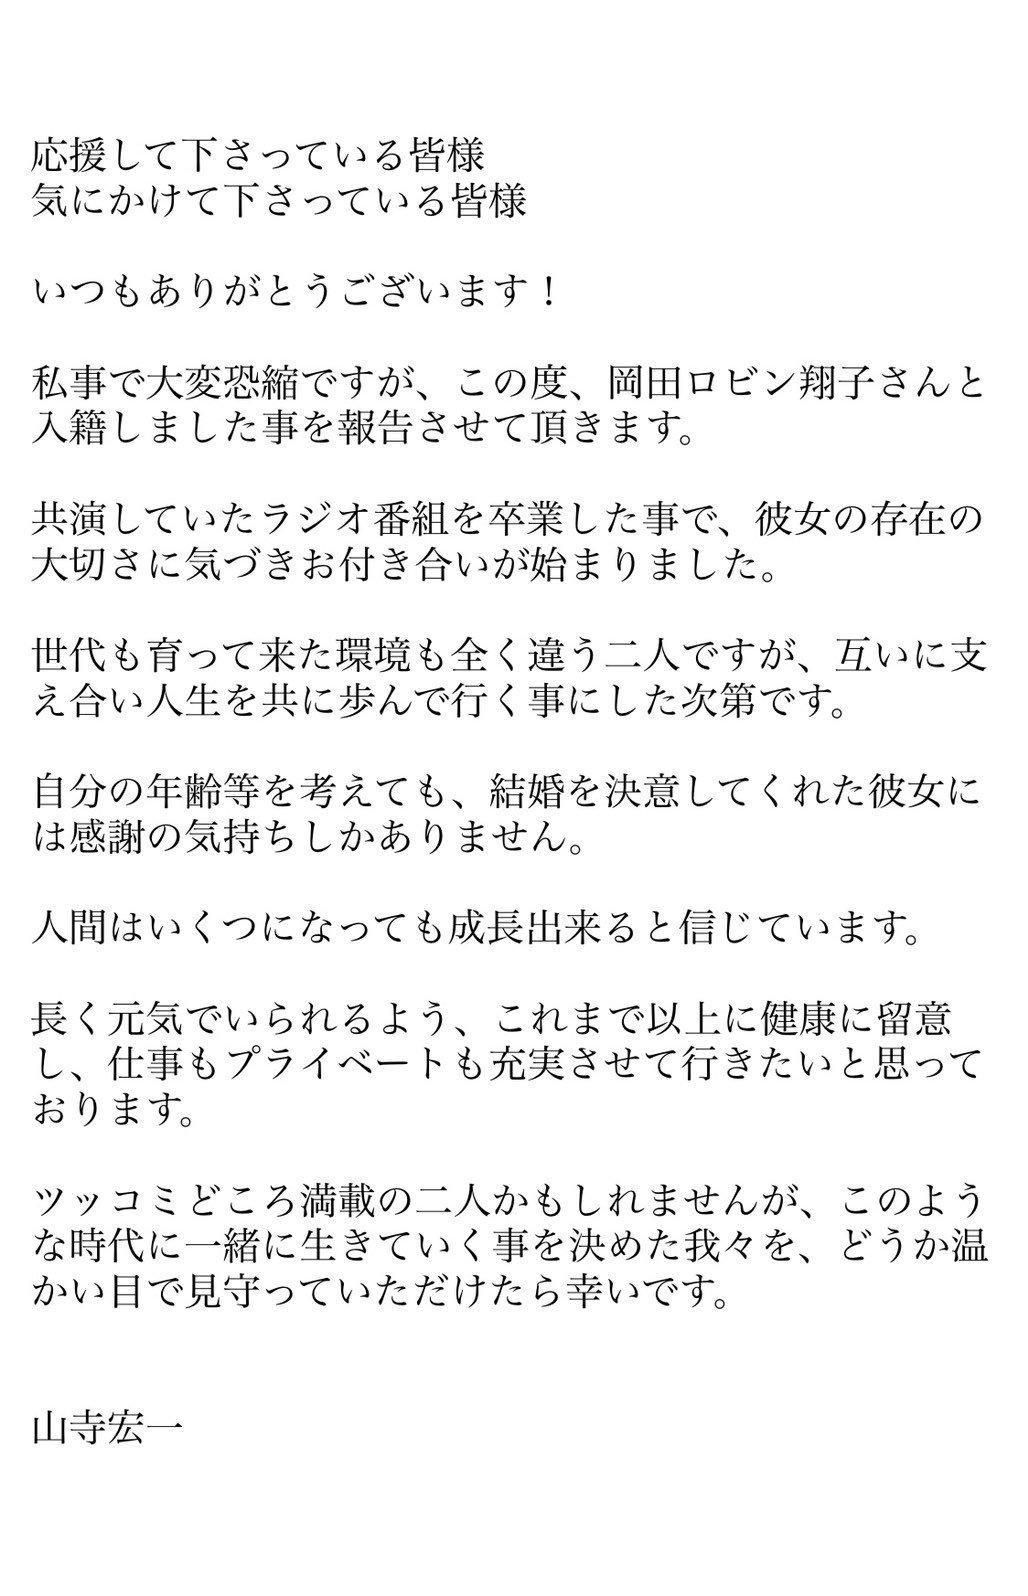 山寺宏一 冈田罗宾翔子  结婚